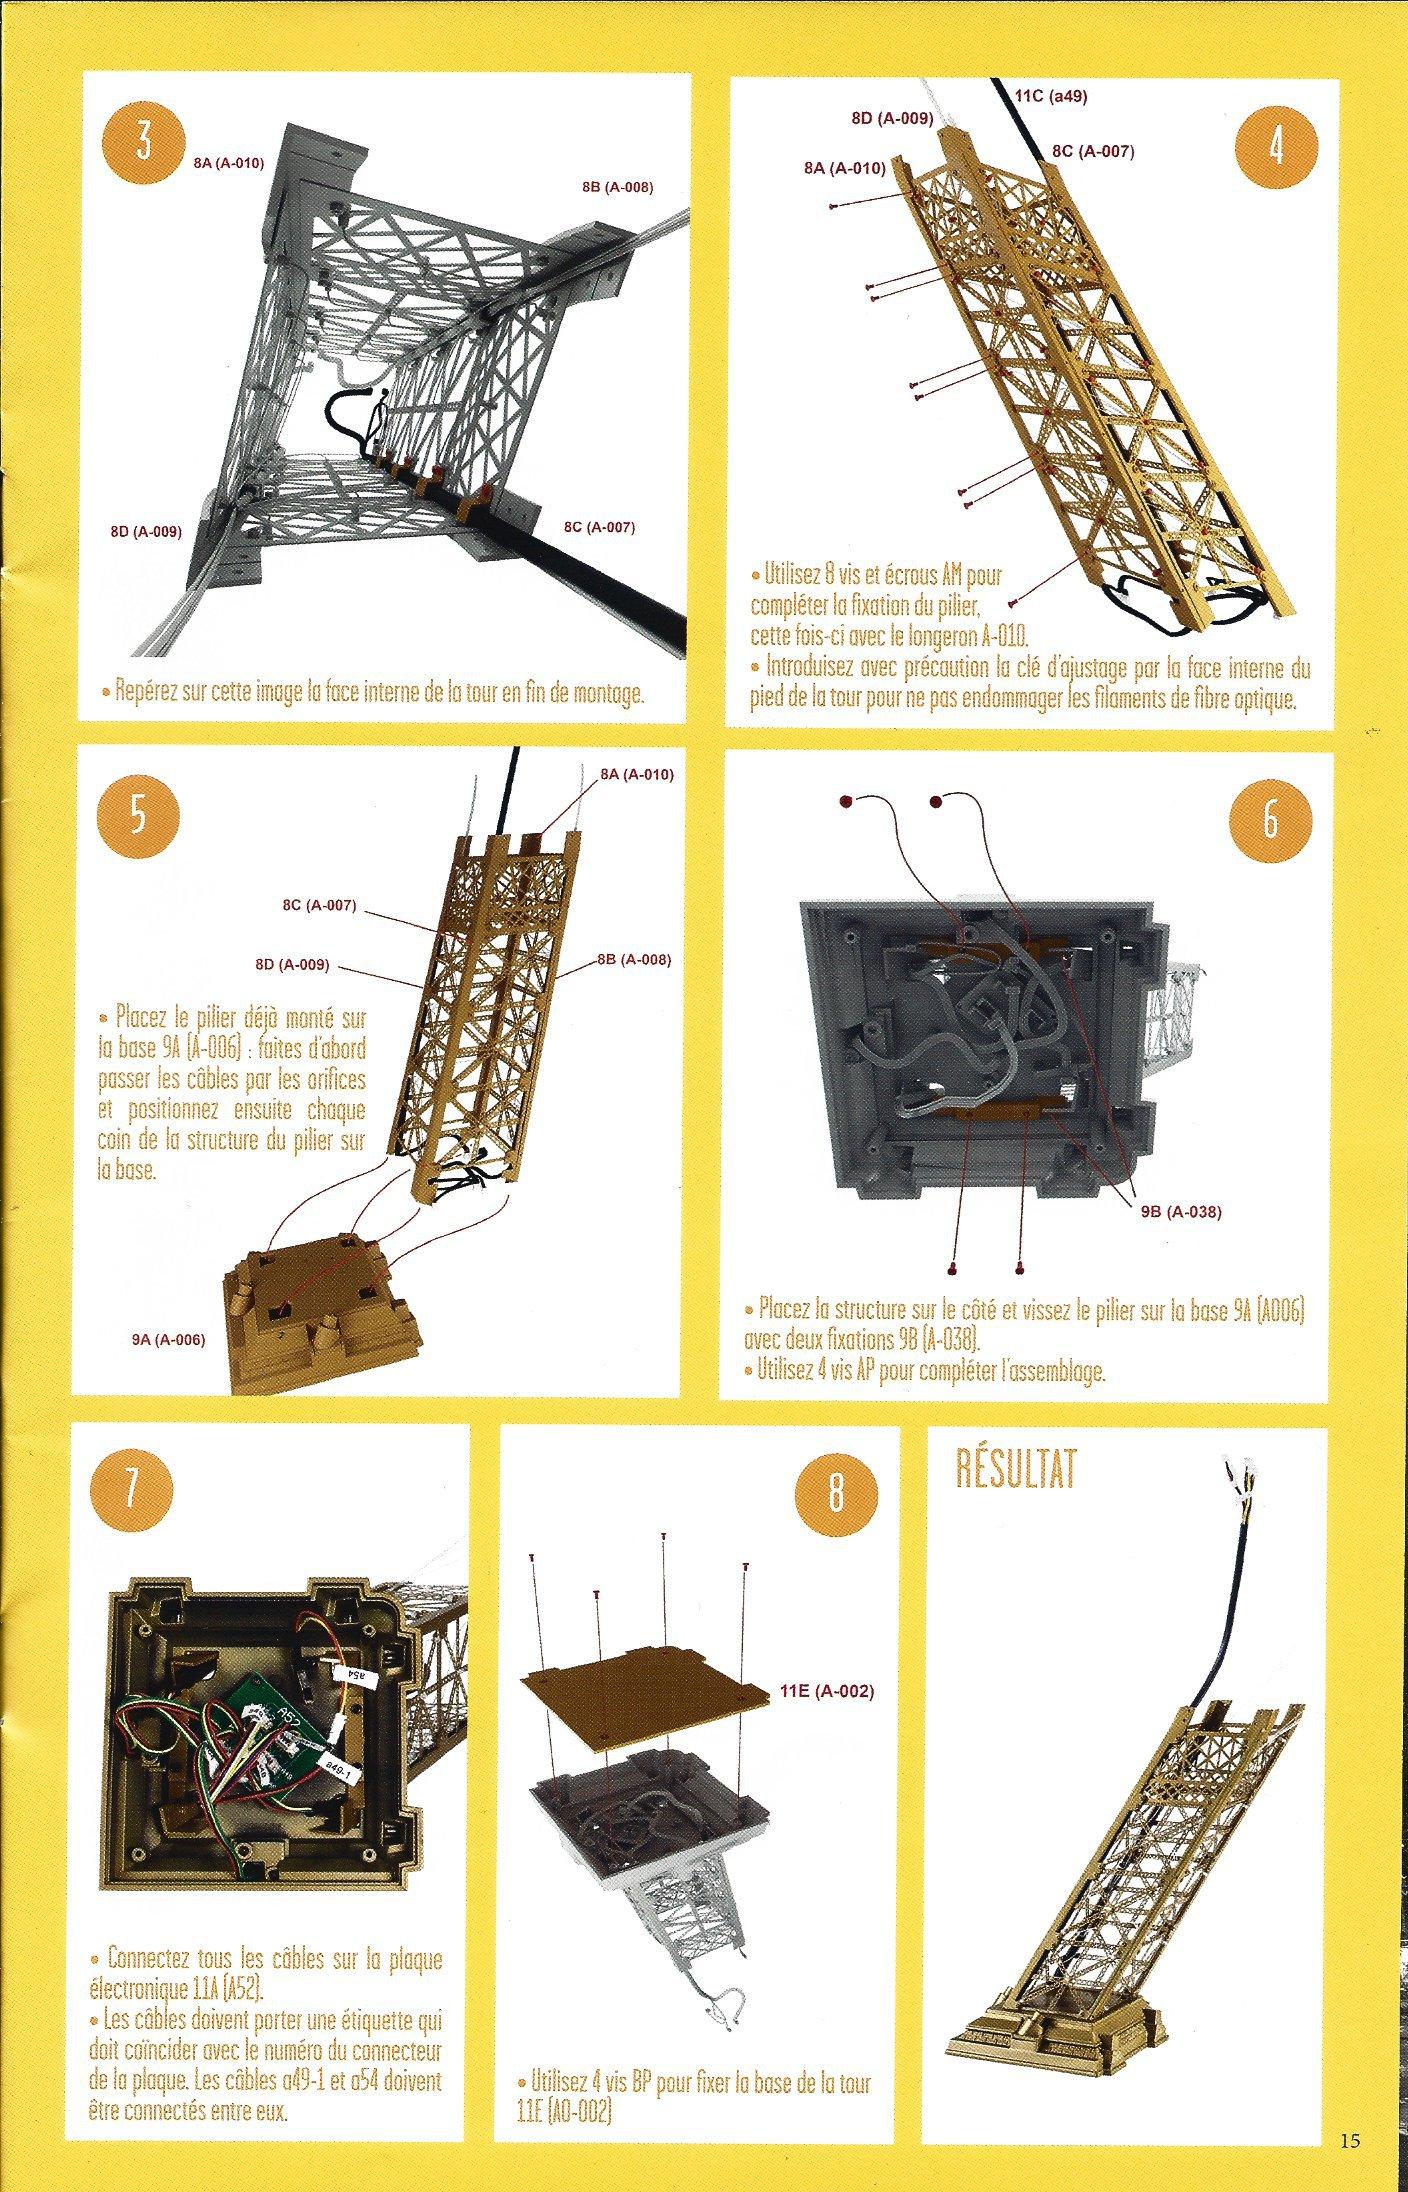 Numéro 17 - Je construis la Tour Eiffel - Autour de la Tour 14222417c